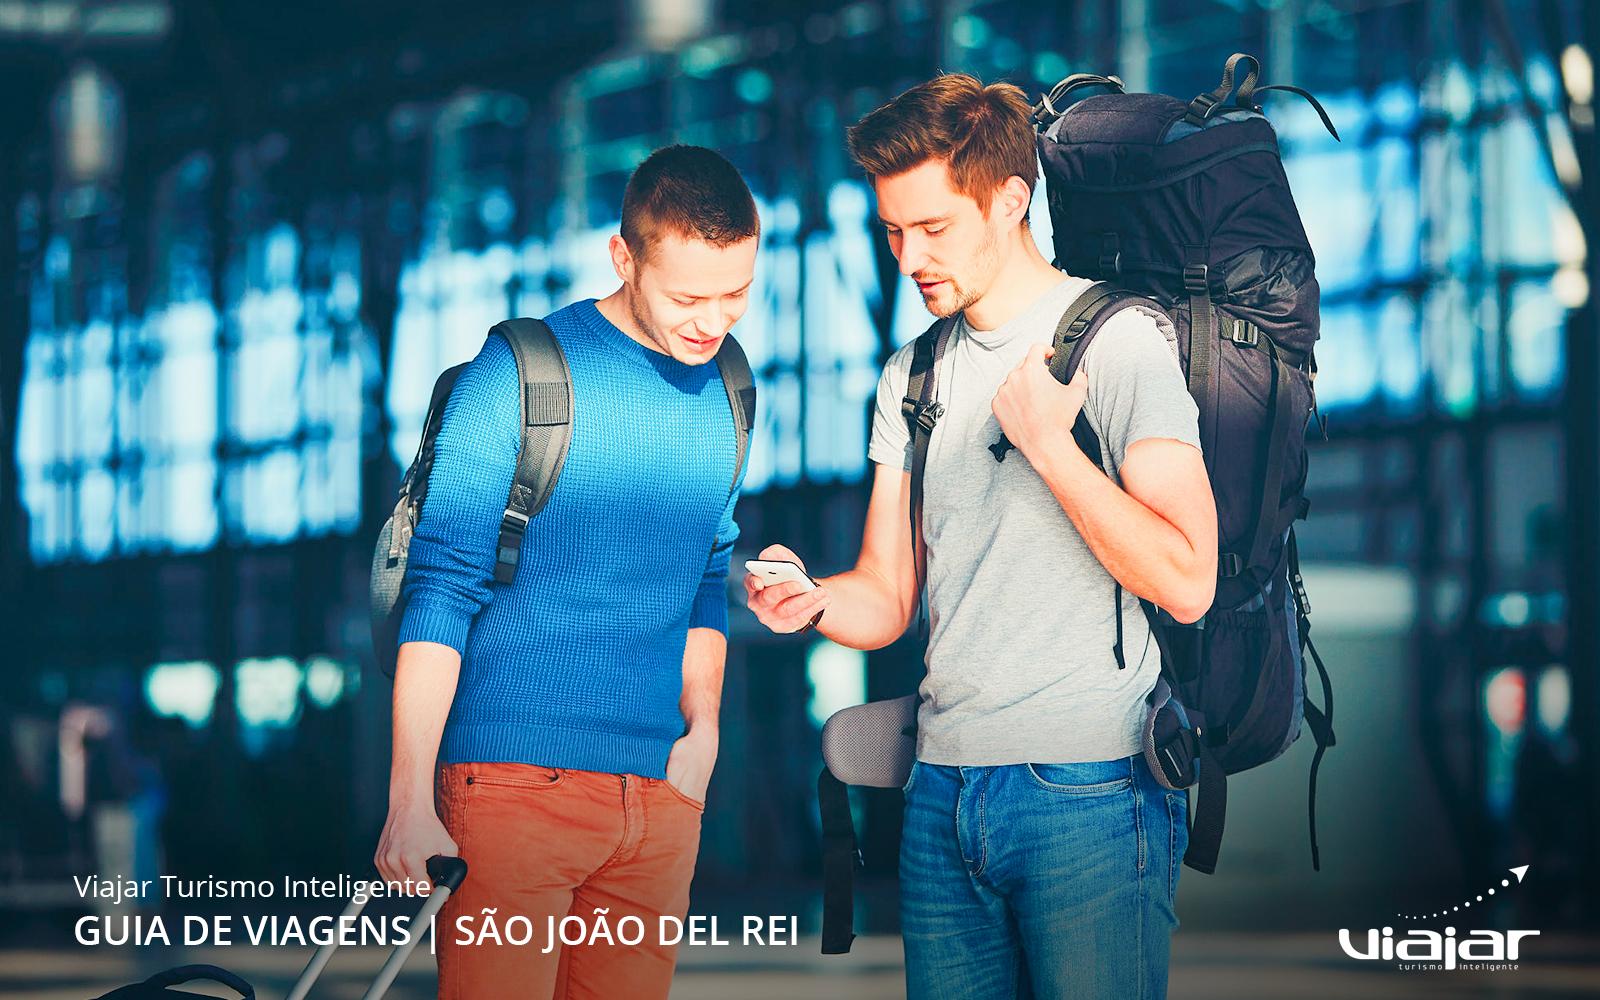 viajar-turismo-inteligente-guia-viagens-sao-joao-del-rei-minas-gerais-01-2